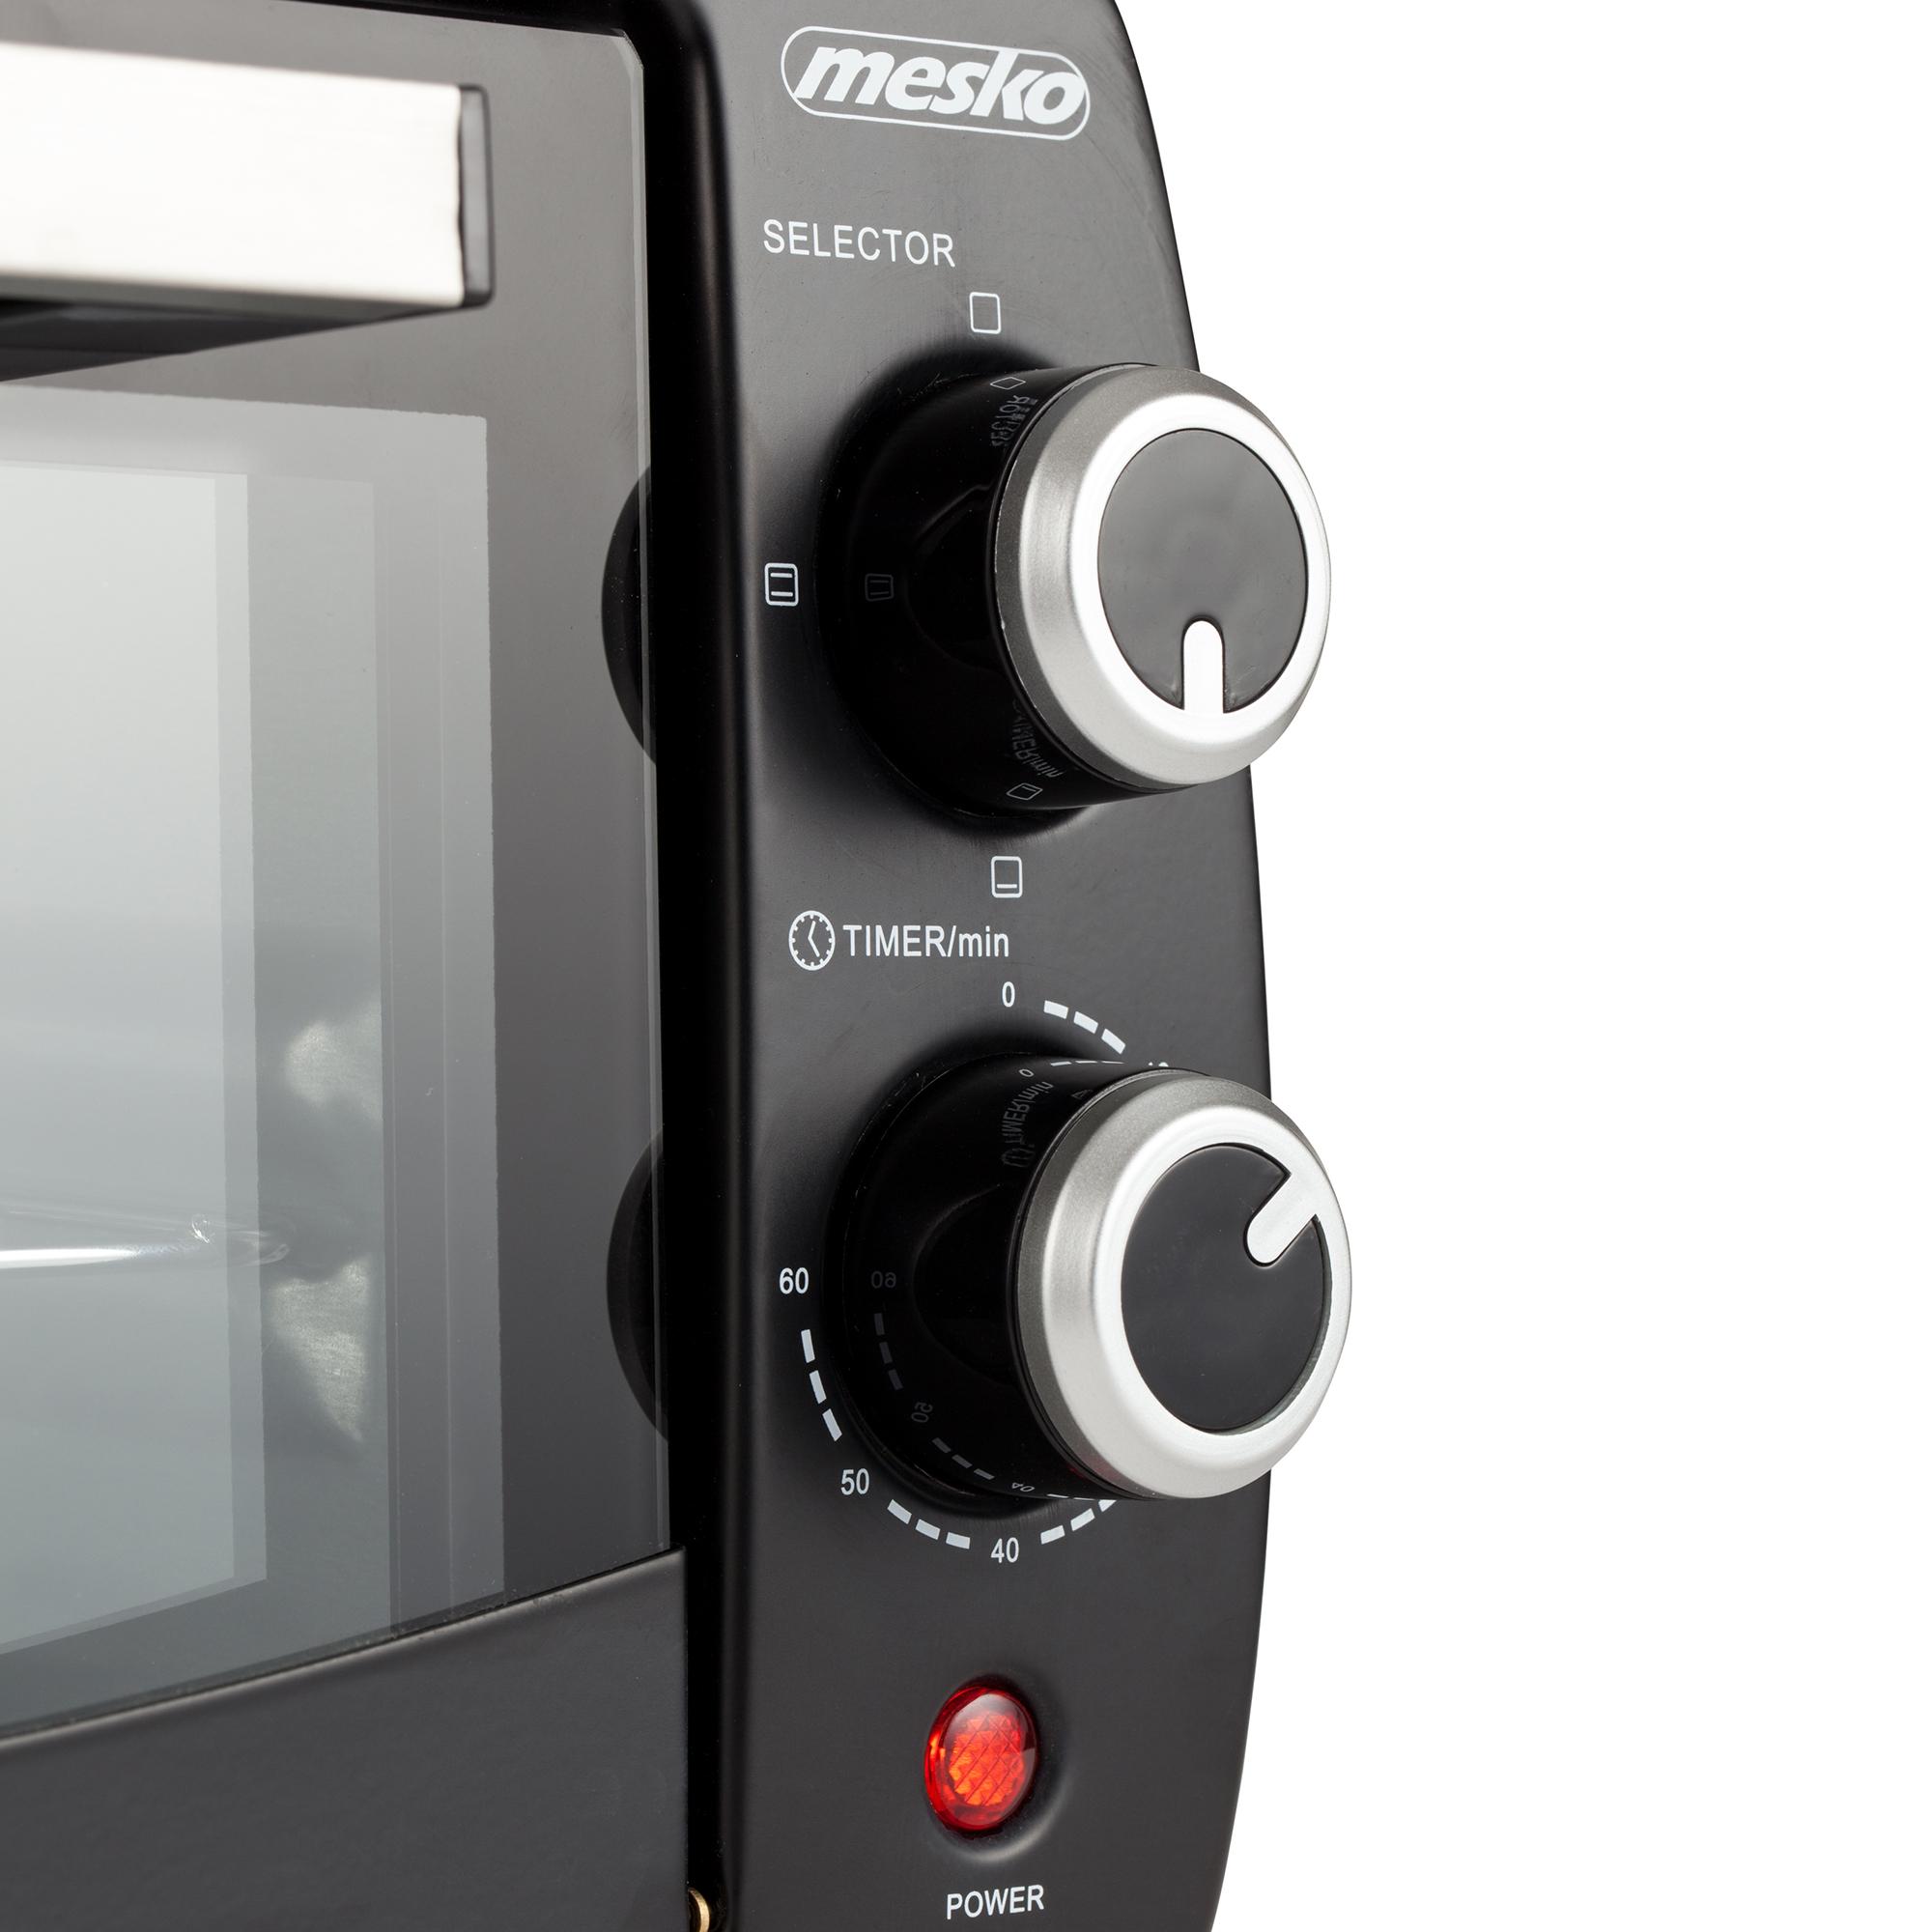 Mesko MS-6004 Horno Eléctrico de Sobremesa Cuarzo de 12 litros, Acero Inoxidable, Bandeja de migas, Temporizador, 1000W